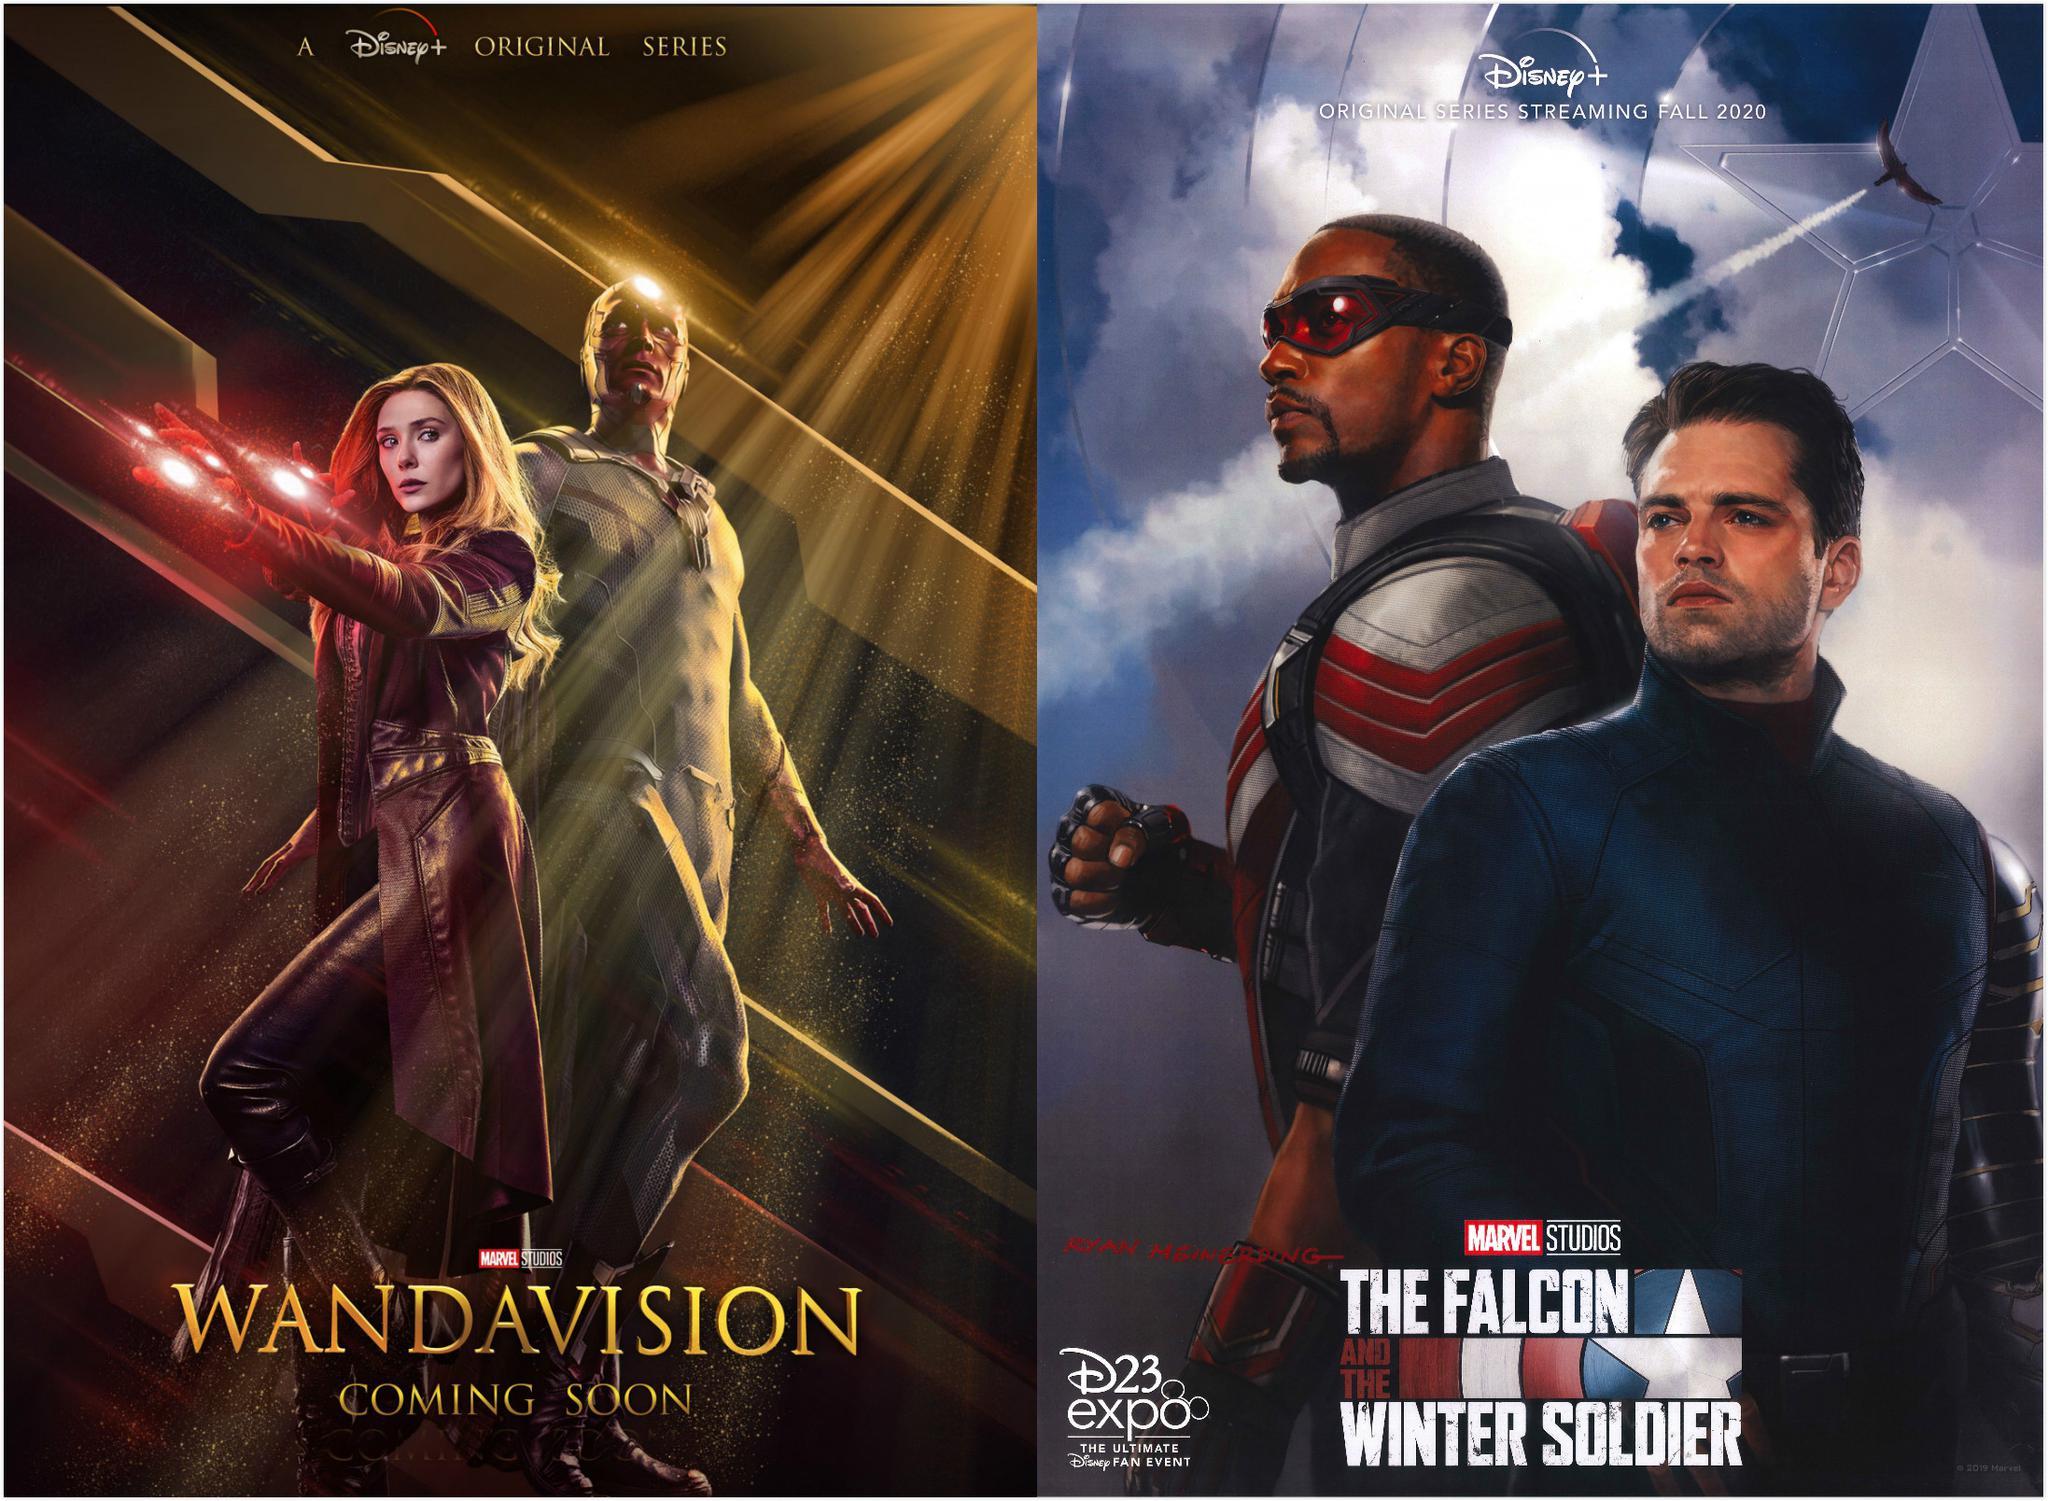 《旺达·幻视》已完成特效制作,《猎鹰与冬兵》将复工图片